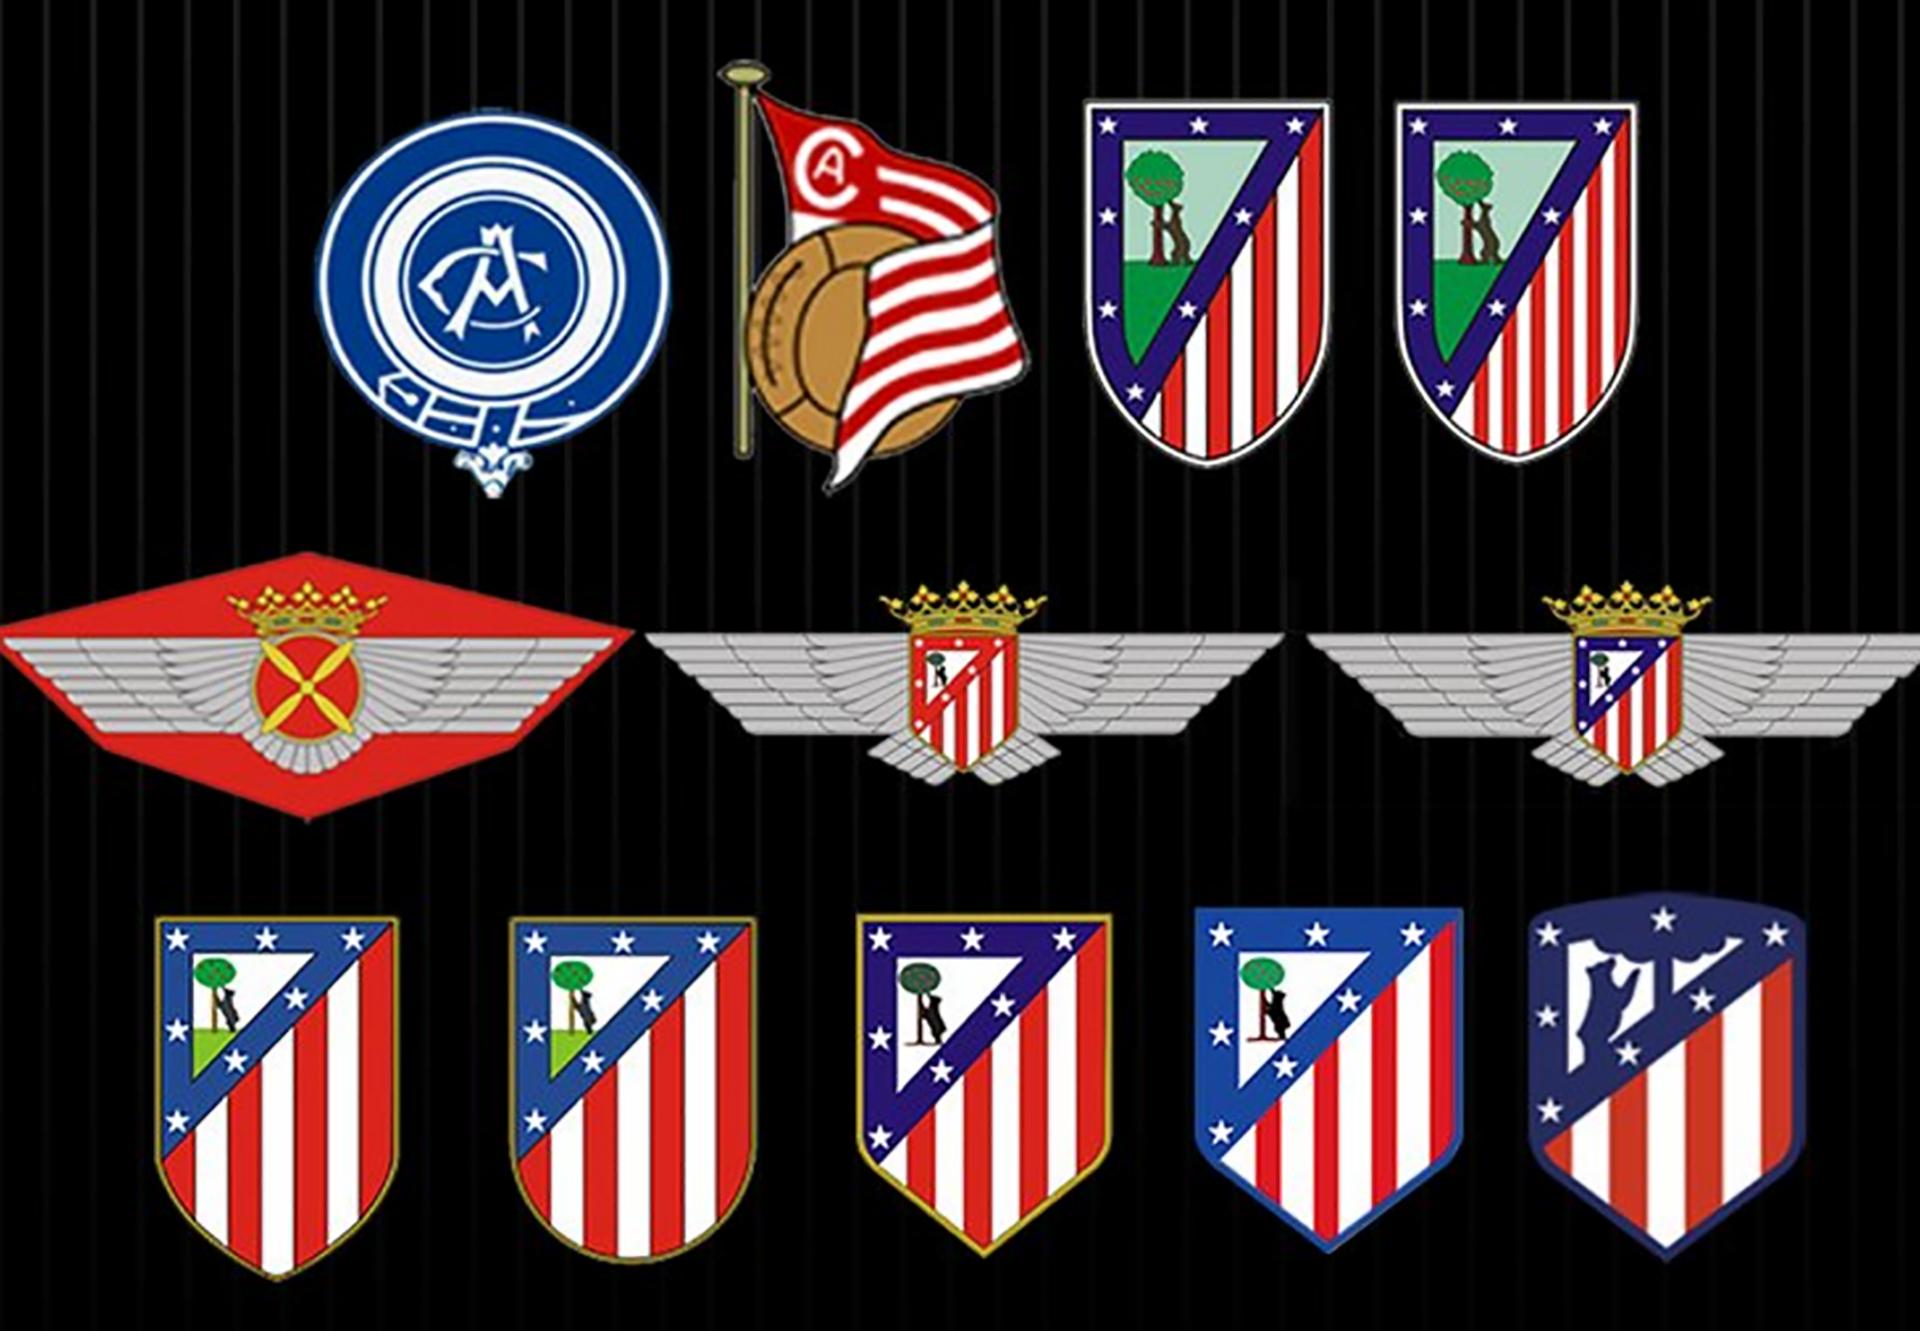 a03a4d013c017 Futebol Europeu (Uefa) - Página 8